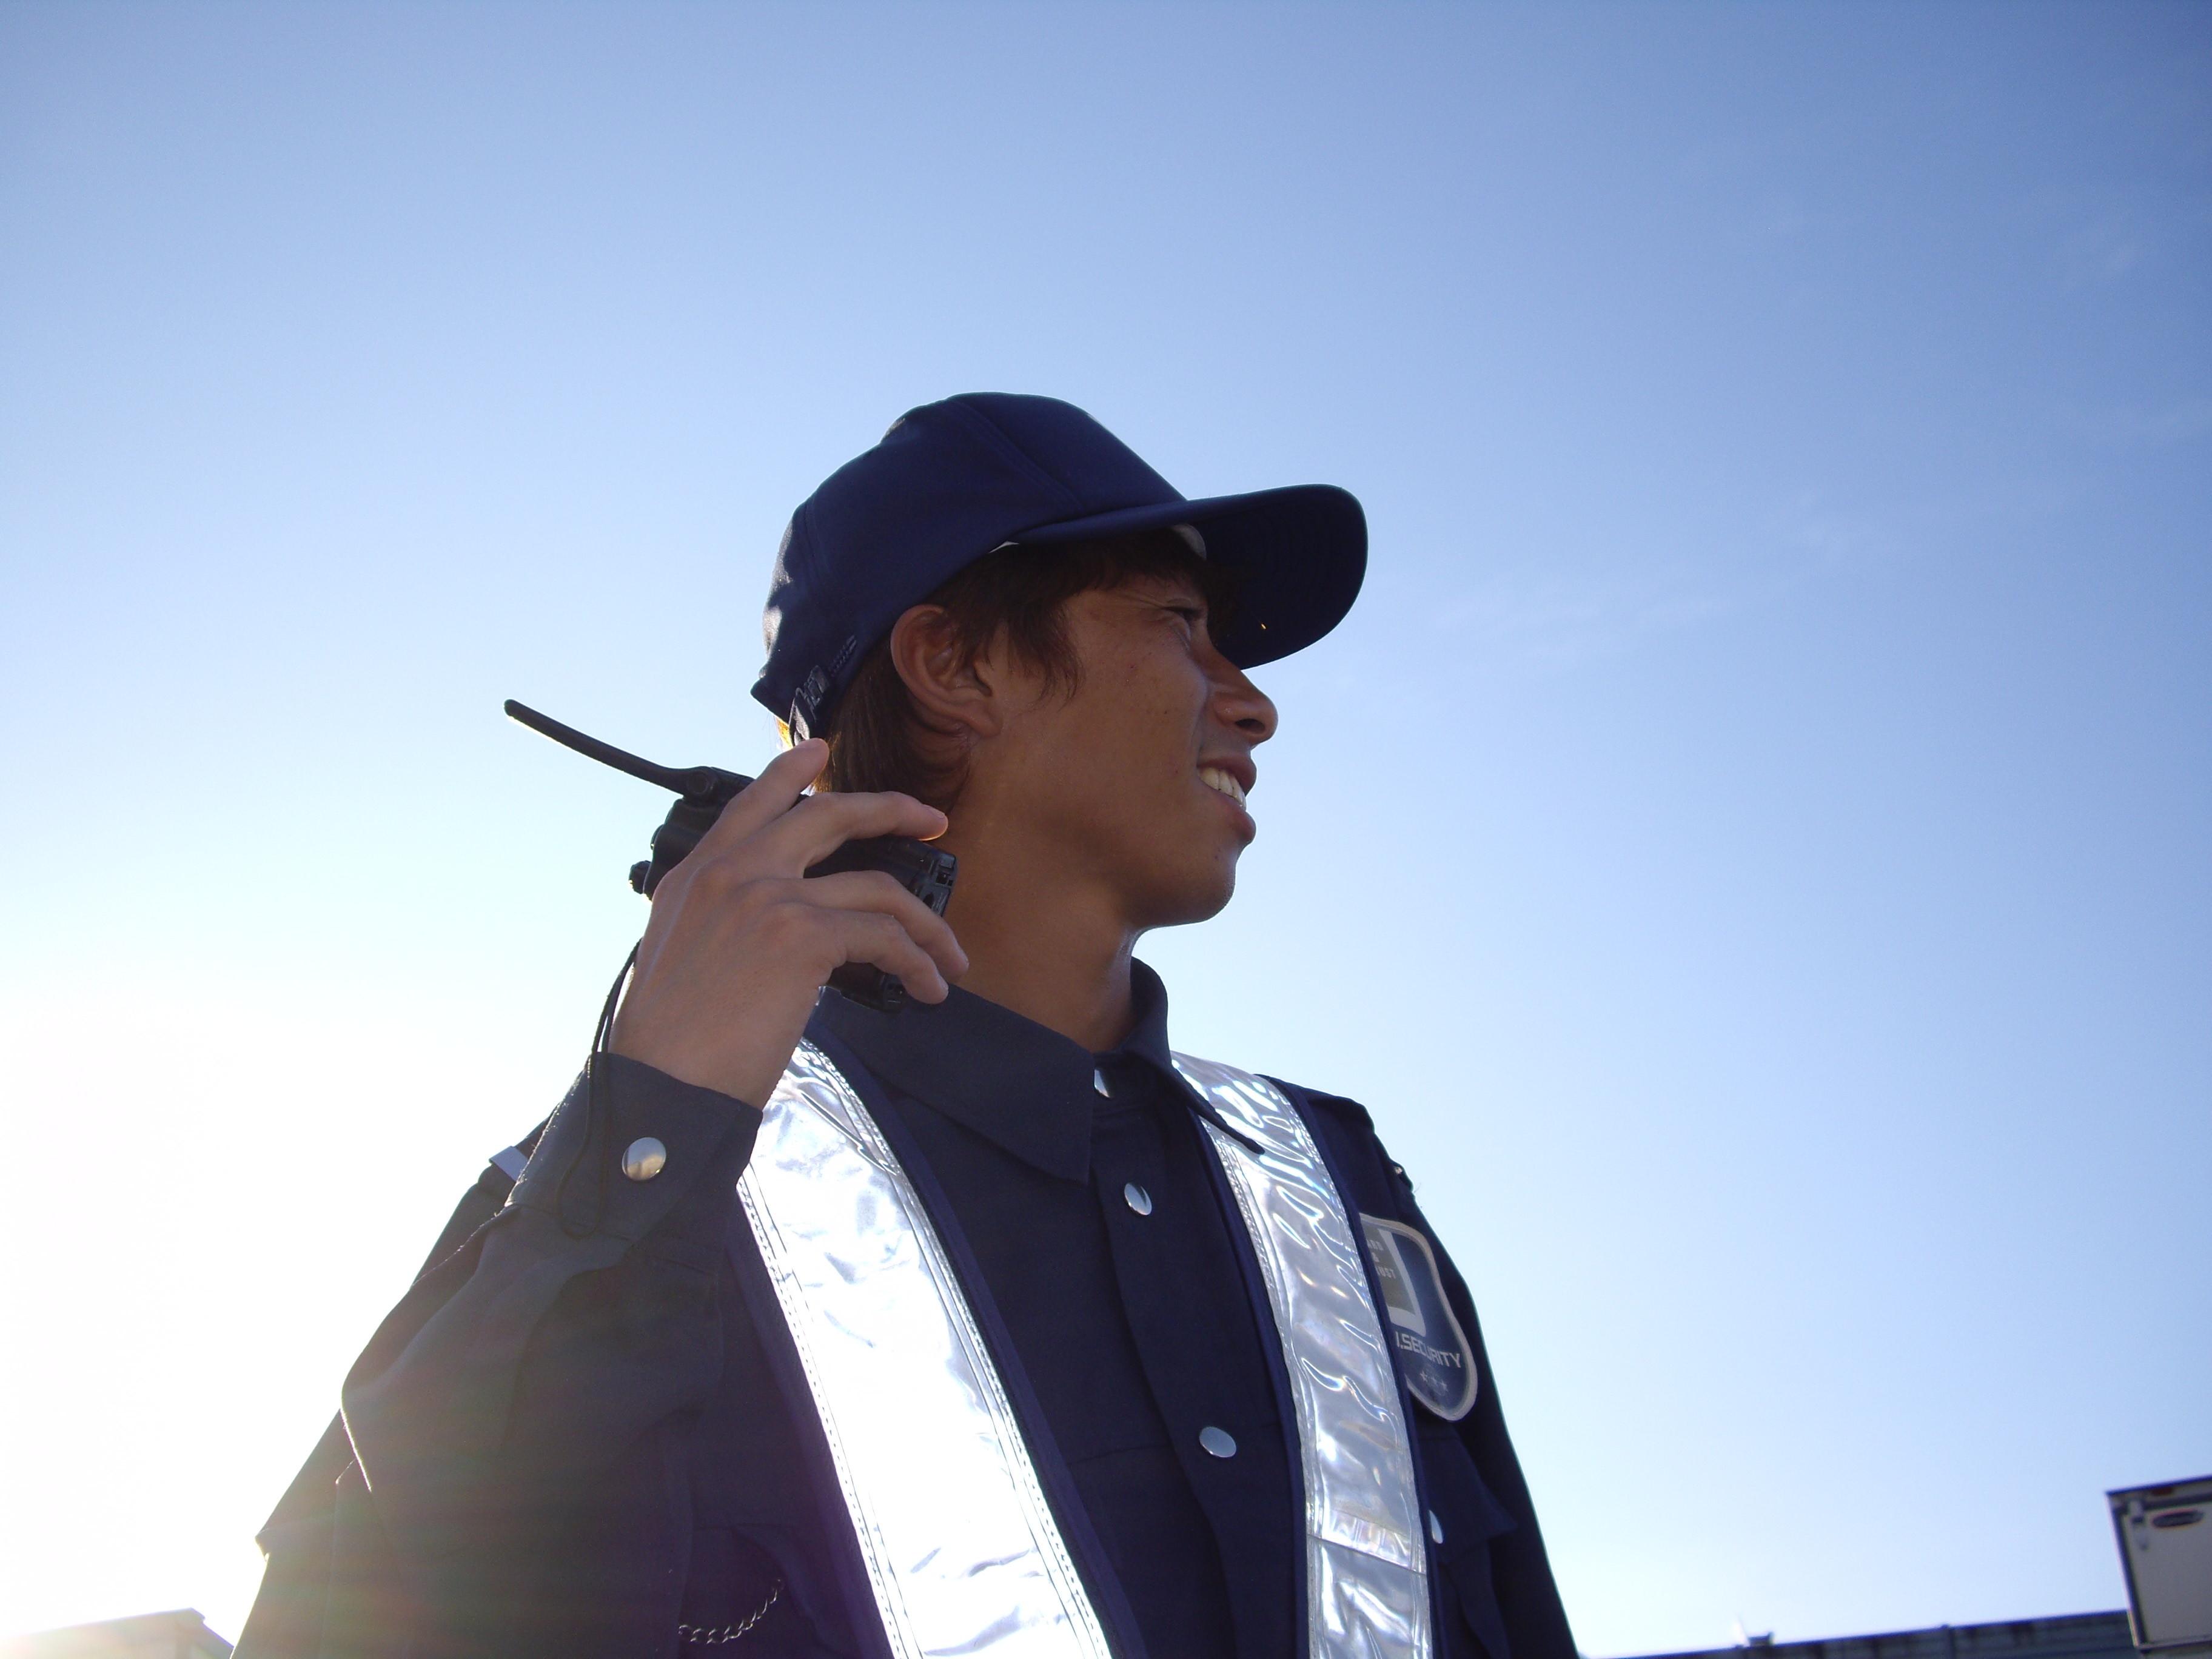 交通誘導スタッフ 糸魚川市エリア 株式会社J.SECURITYのアルバイト情報